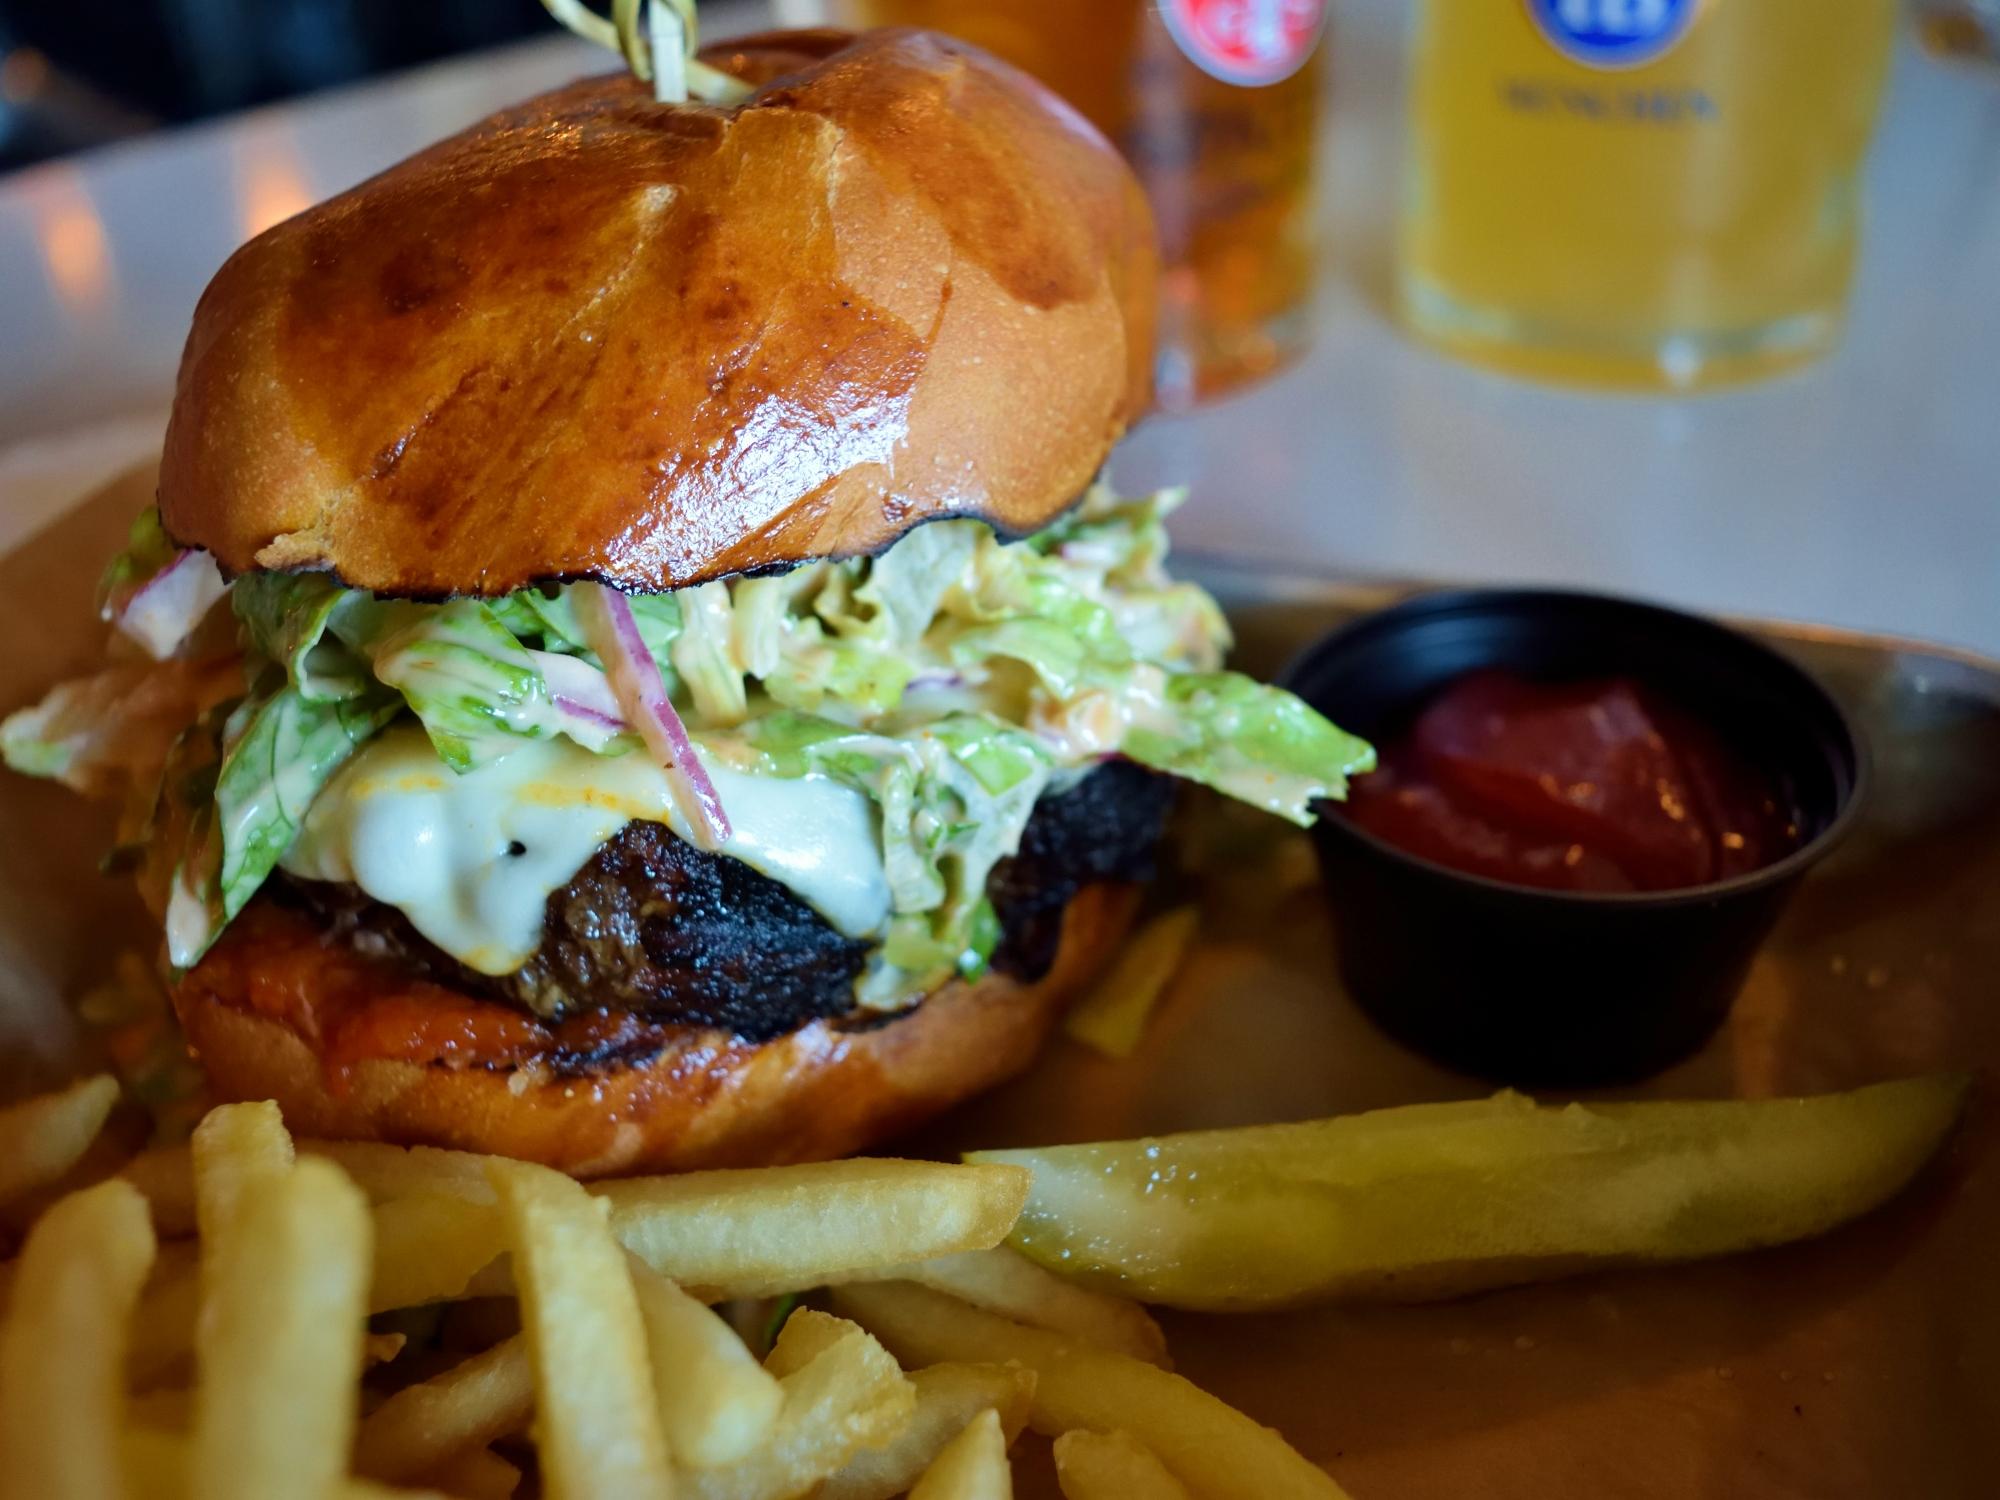 Asbury Festhalle Burger... ENHANCE!